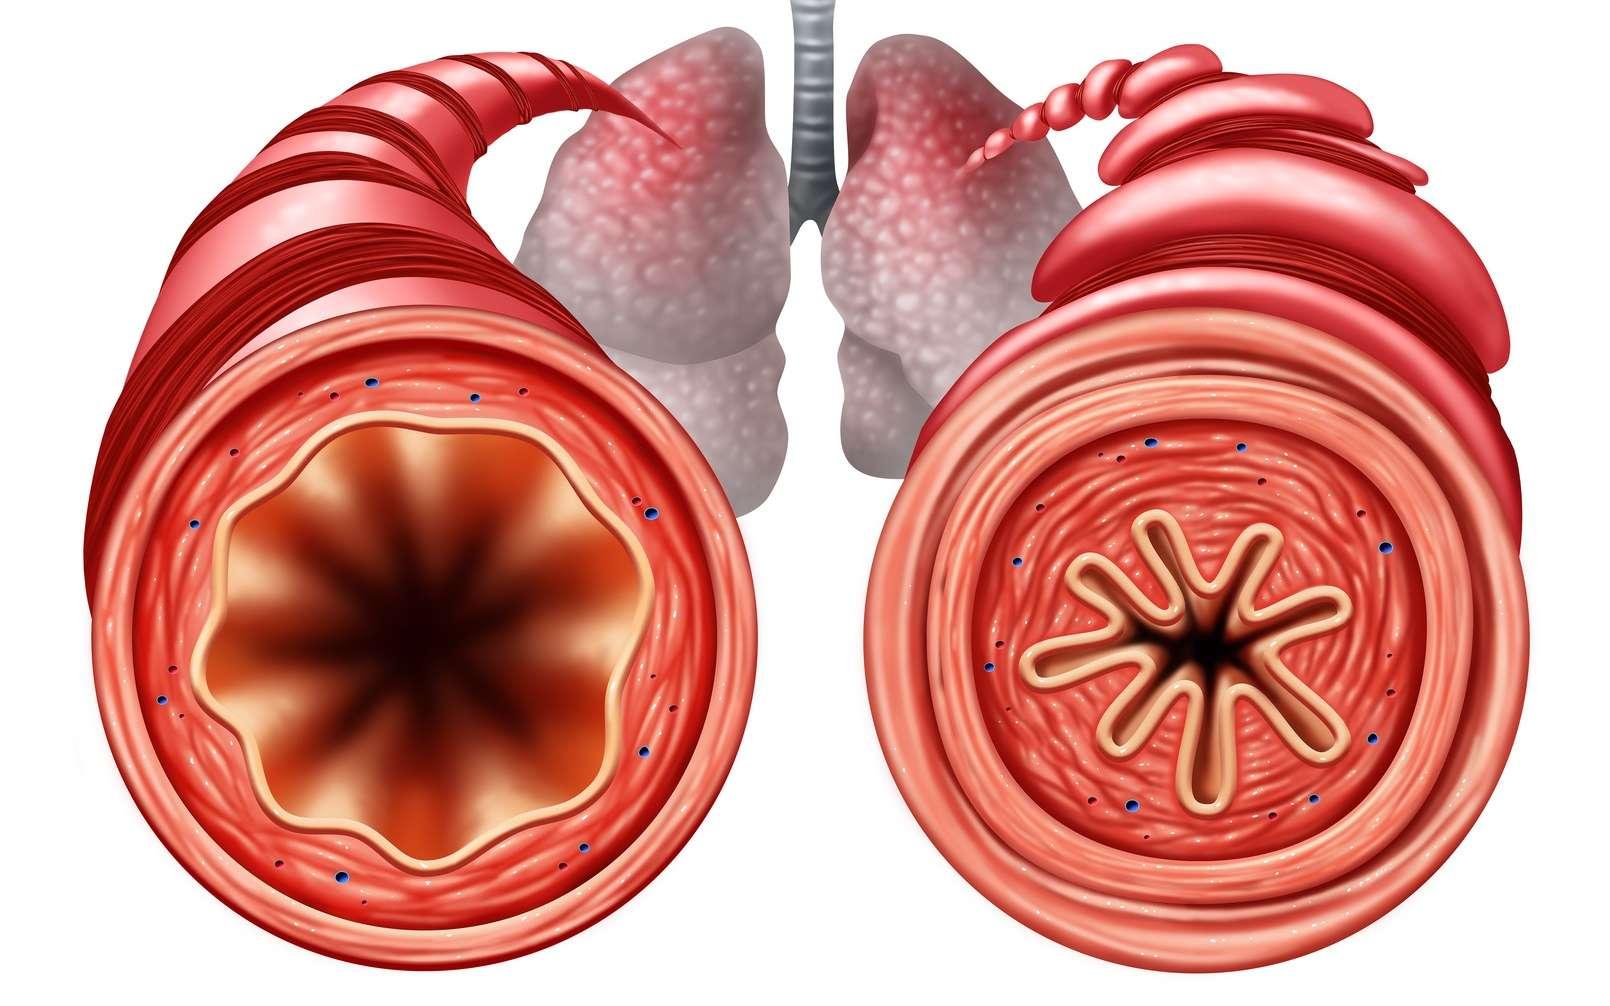 Du gras s'installerait dans les poumons lorsqu'on grossit. © freshidea, Fotolia